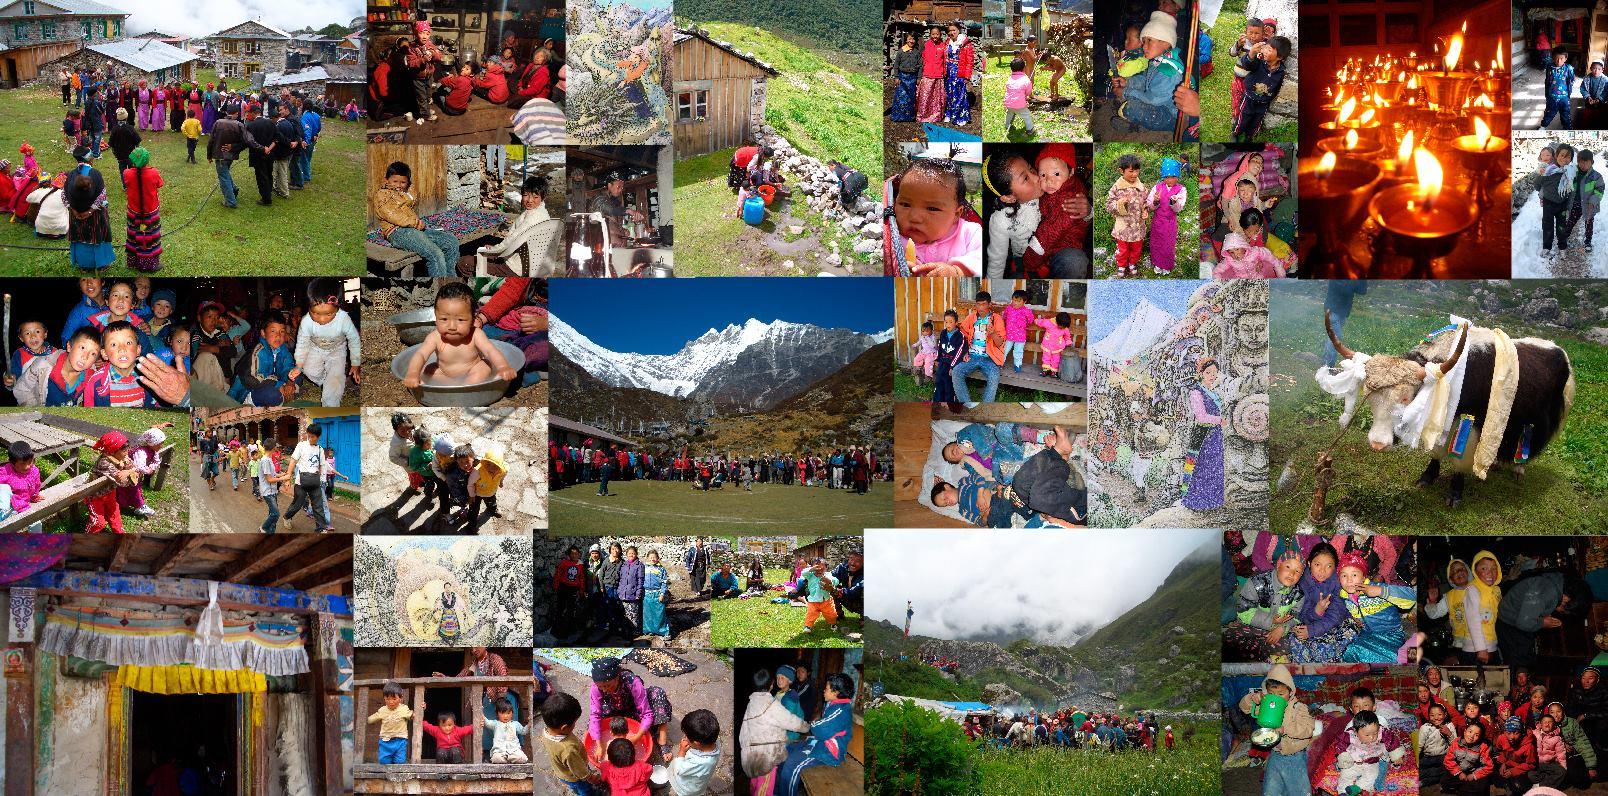 2015/5/5~5/6 ネパール大地震のために緊急特別チャリティーイベントを開催致します